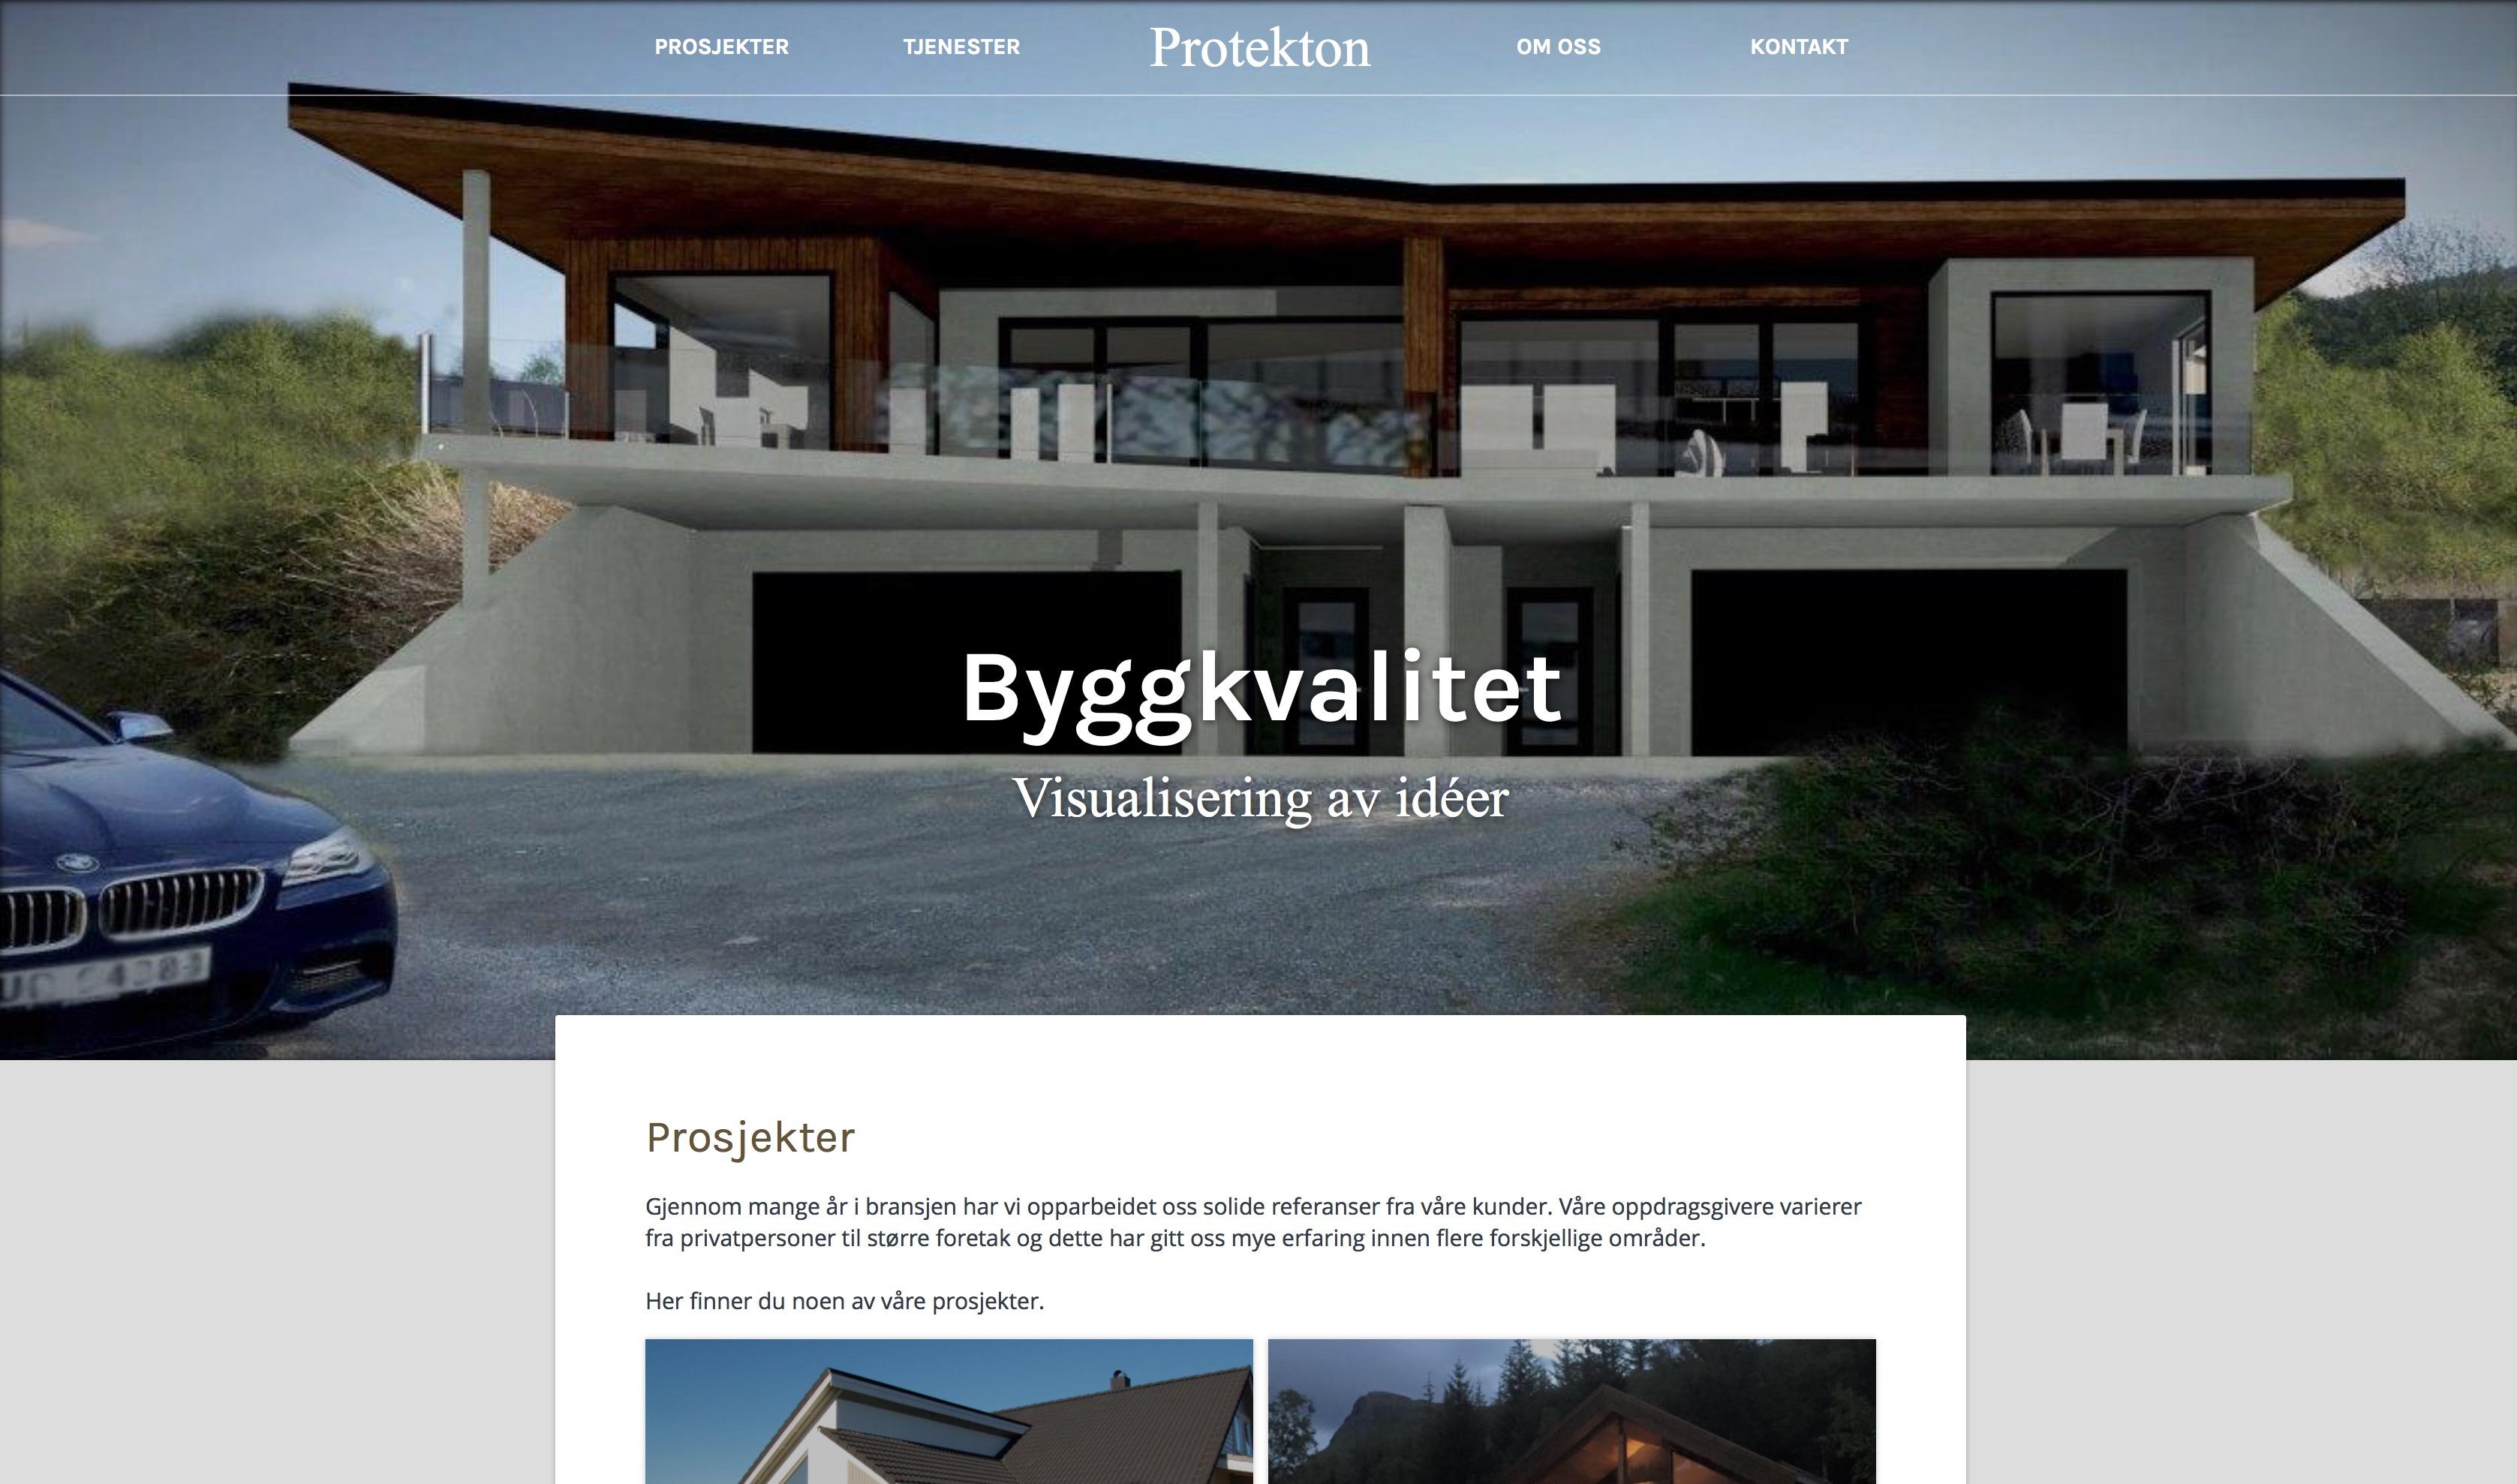 Vi har hatt gleden av å designe ny nettside til Protekton, et kreativt og spennende Vestnes-firma som tilbyr alt fra rådgivning og prosjektering, til utforming og taksering av boliger.